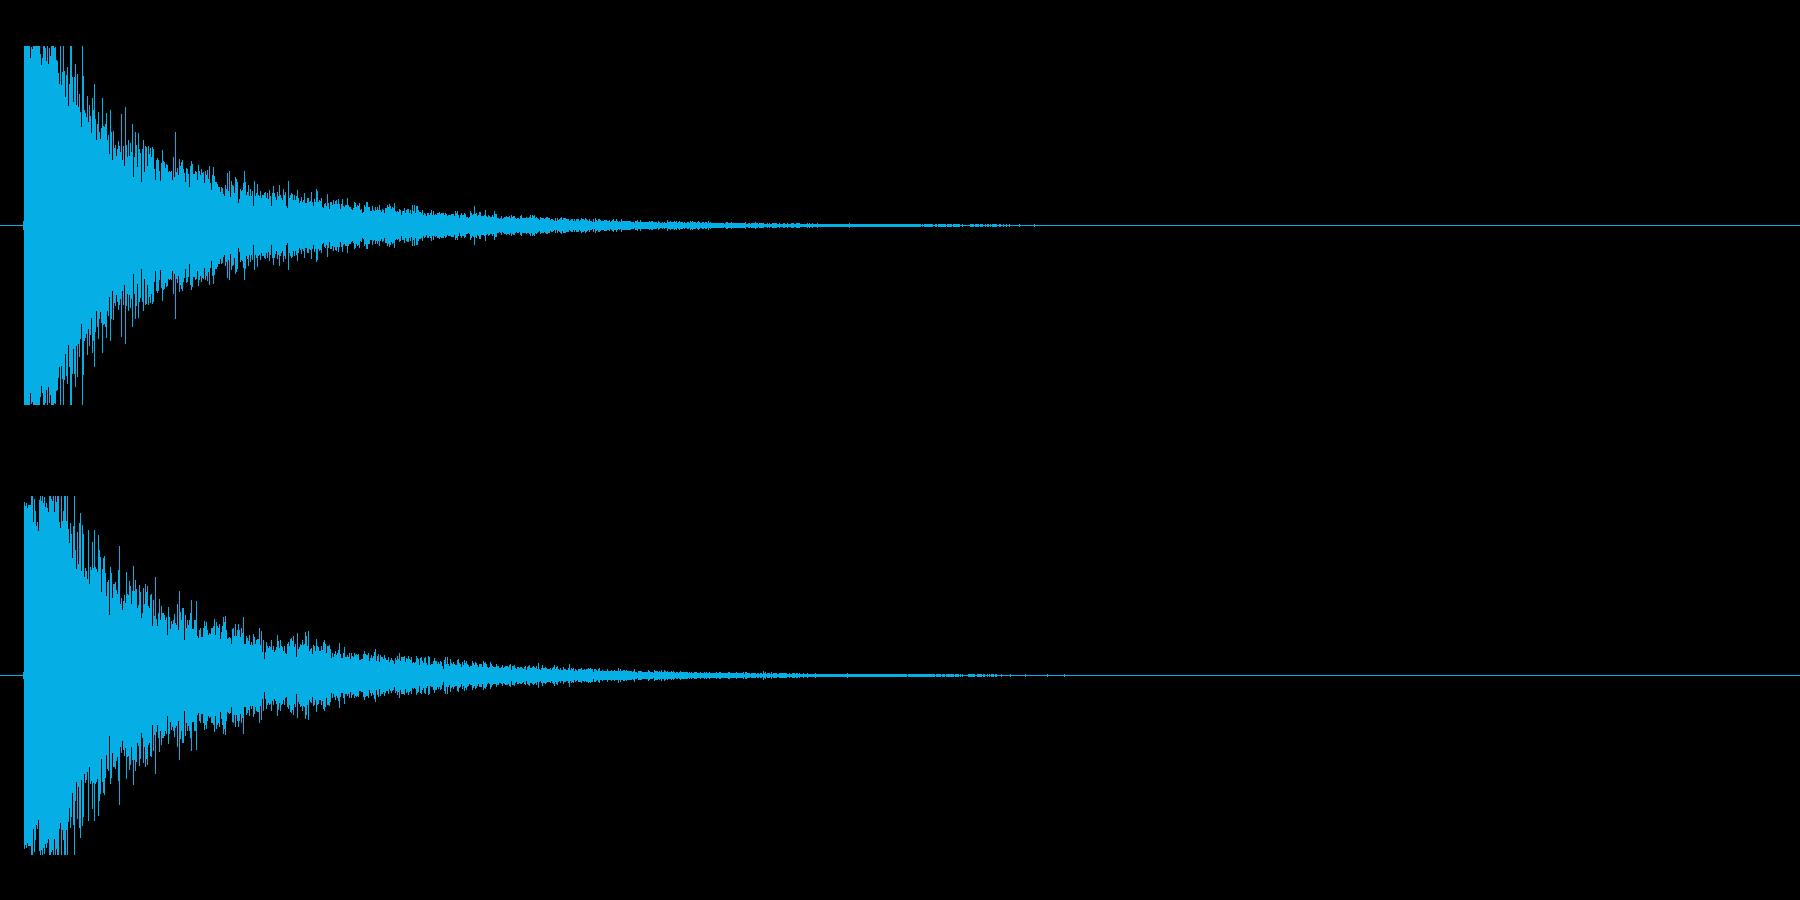 レーザー音-08-1の再生済みの波形